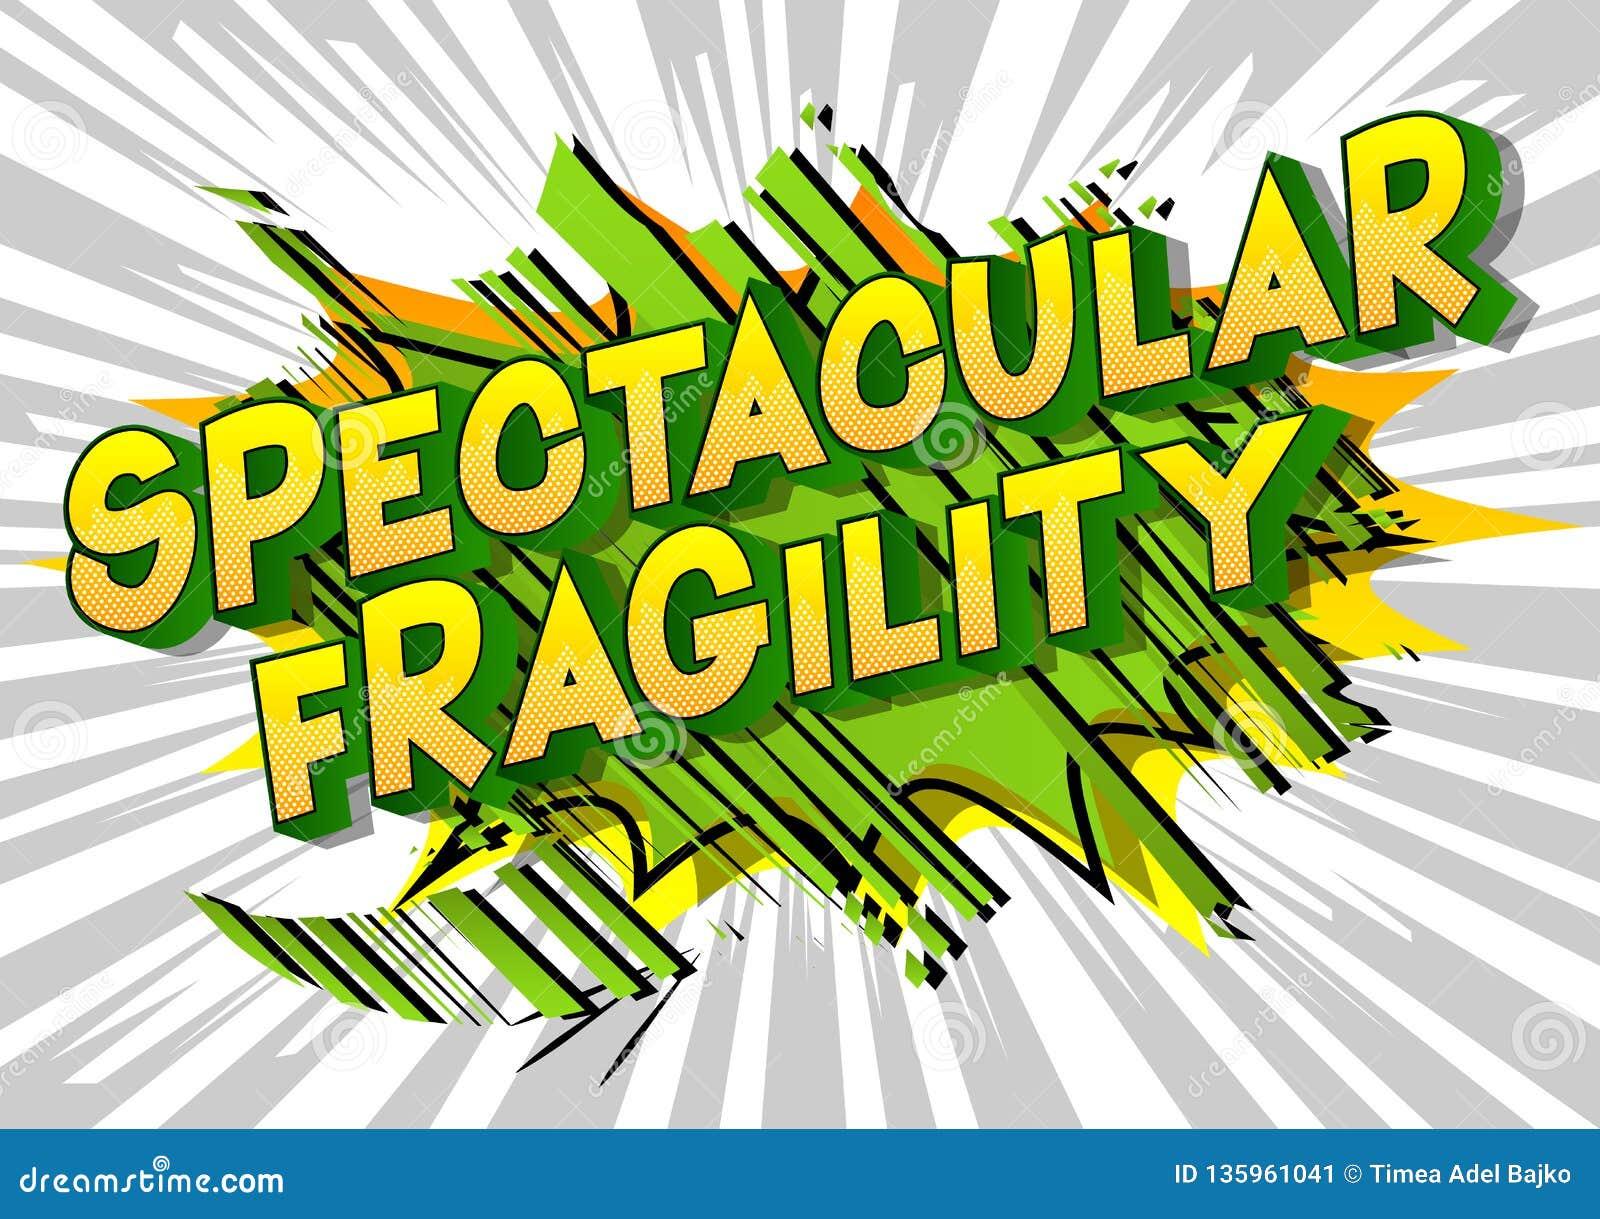 Fragilidad espectacular - palabras del estilo del cómic